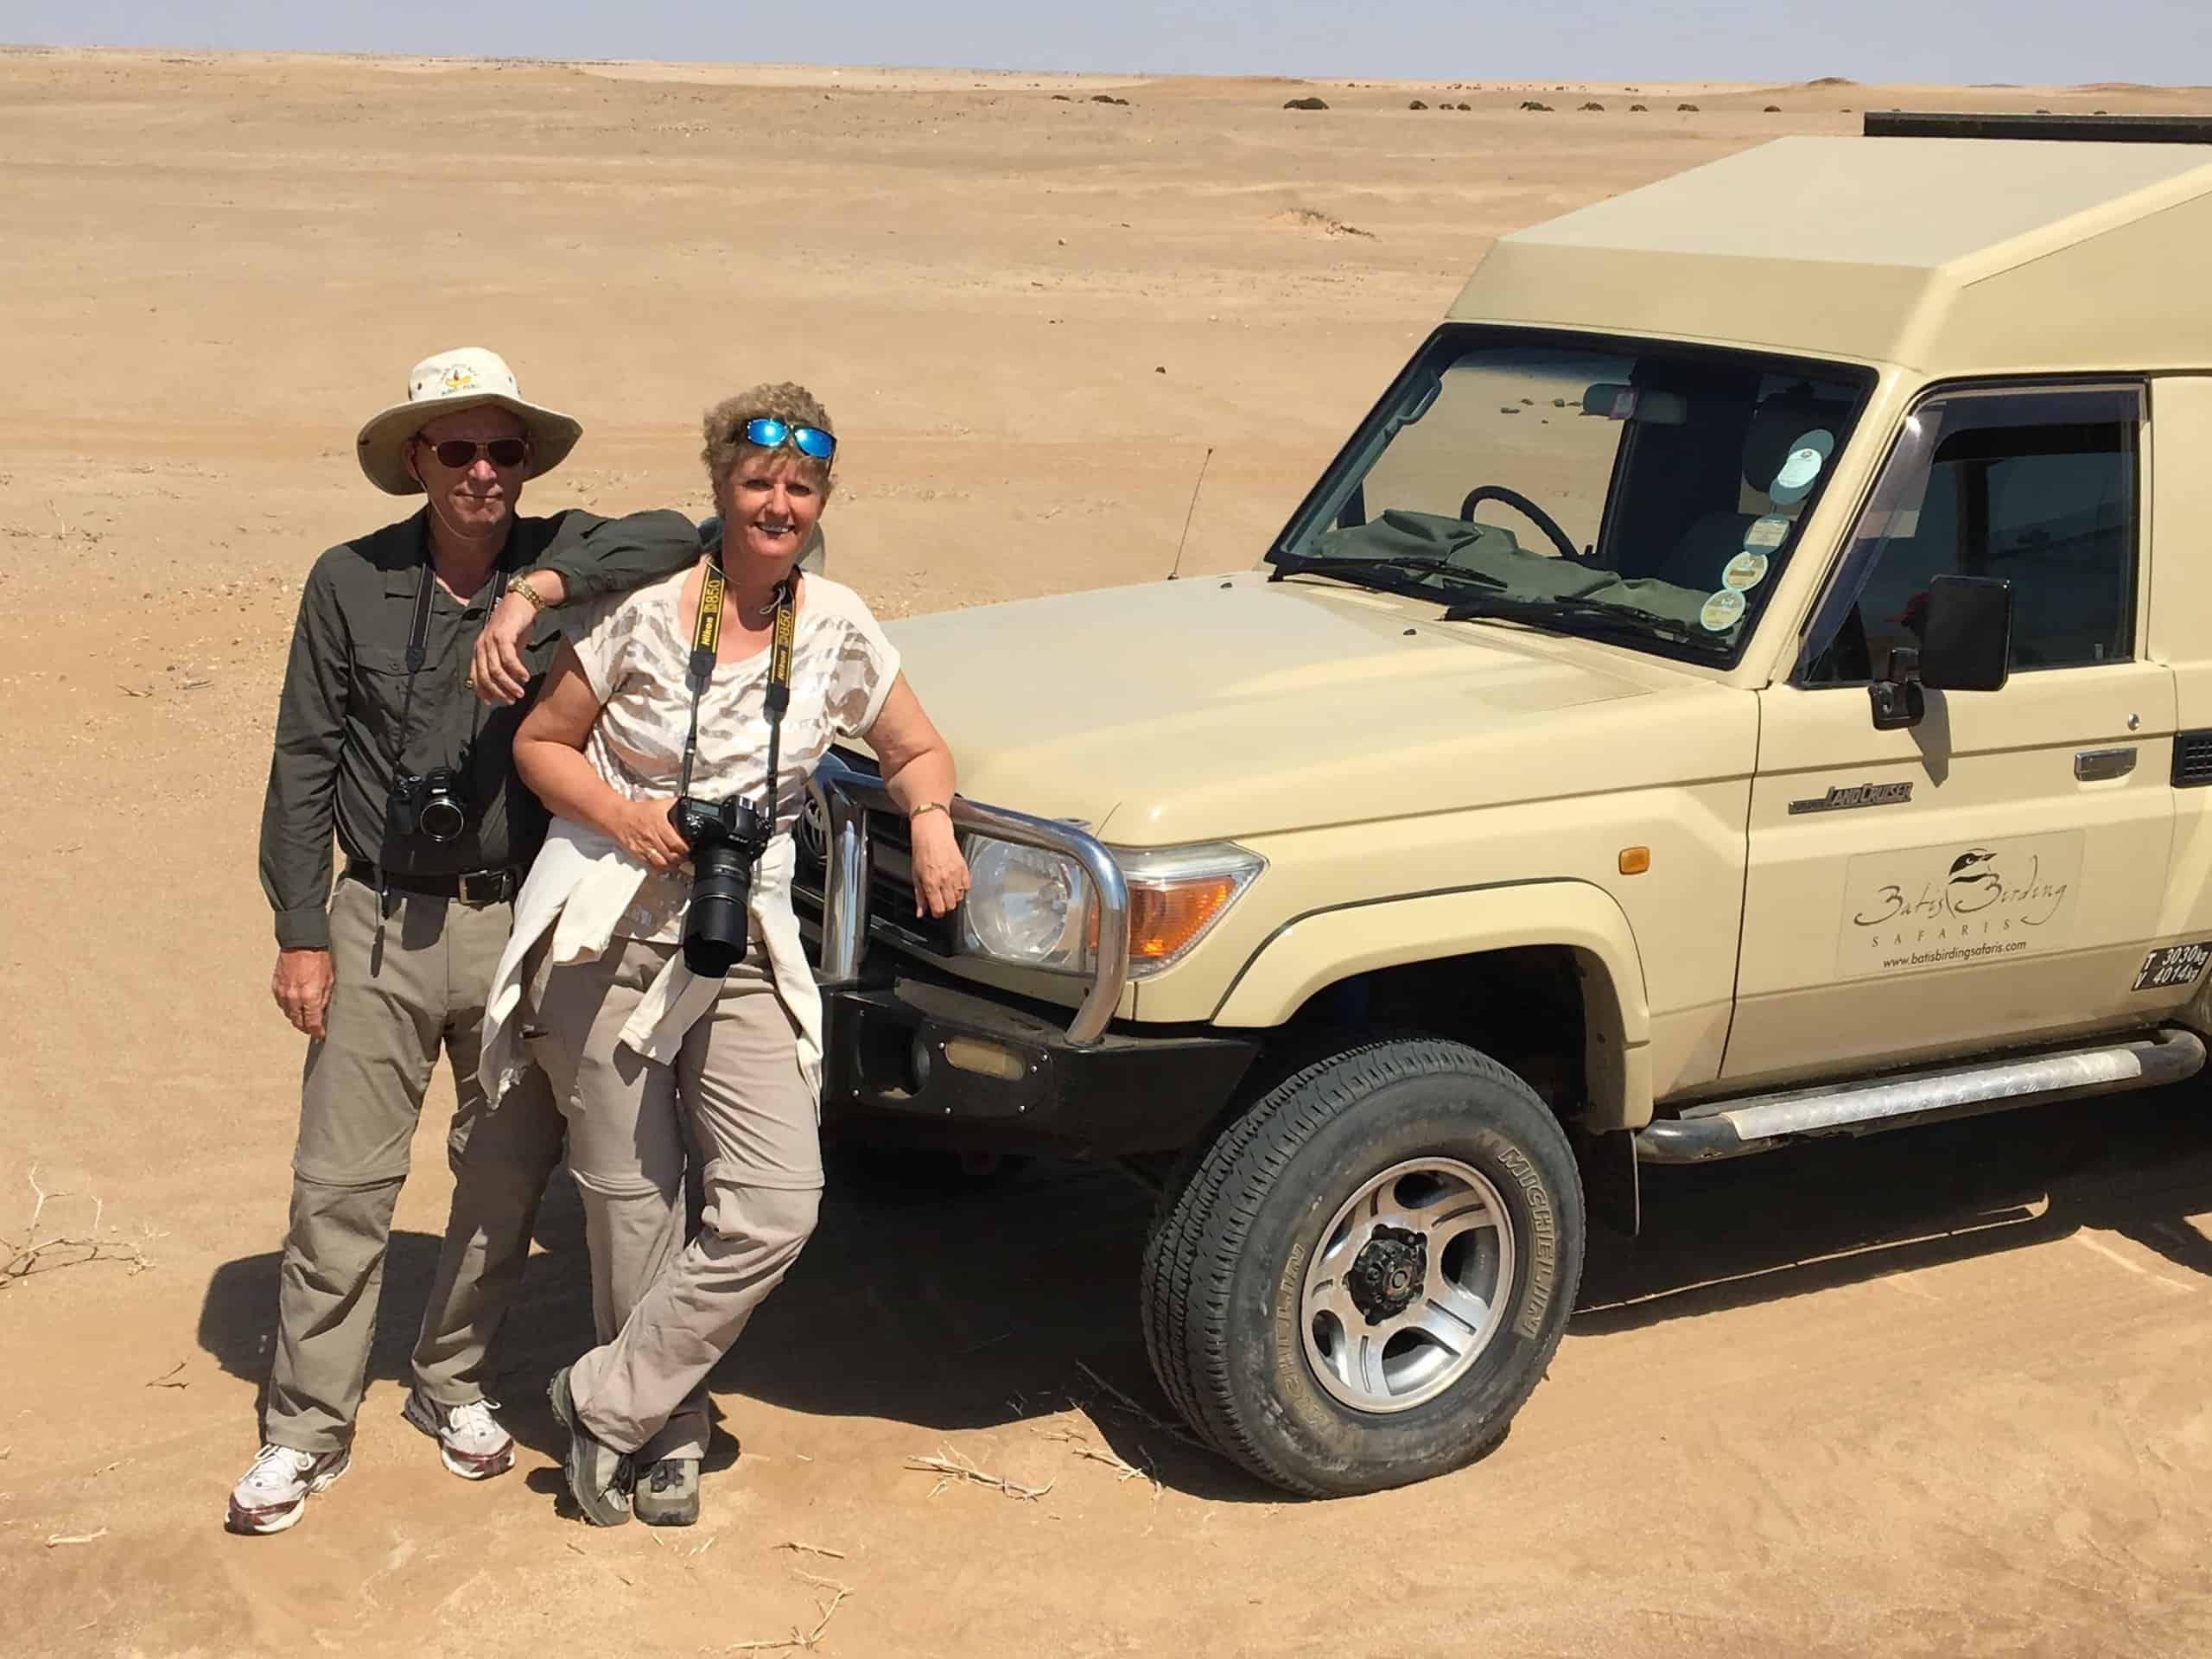 Yolanda Wals van Fotografie-reizen.nl voor jeep